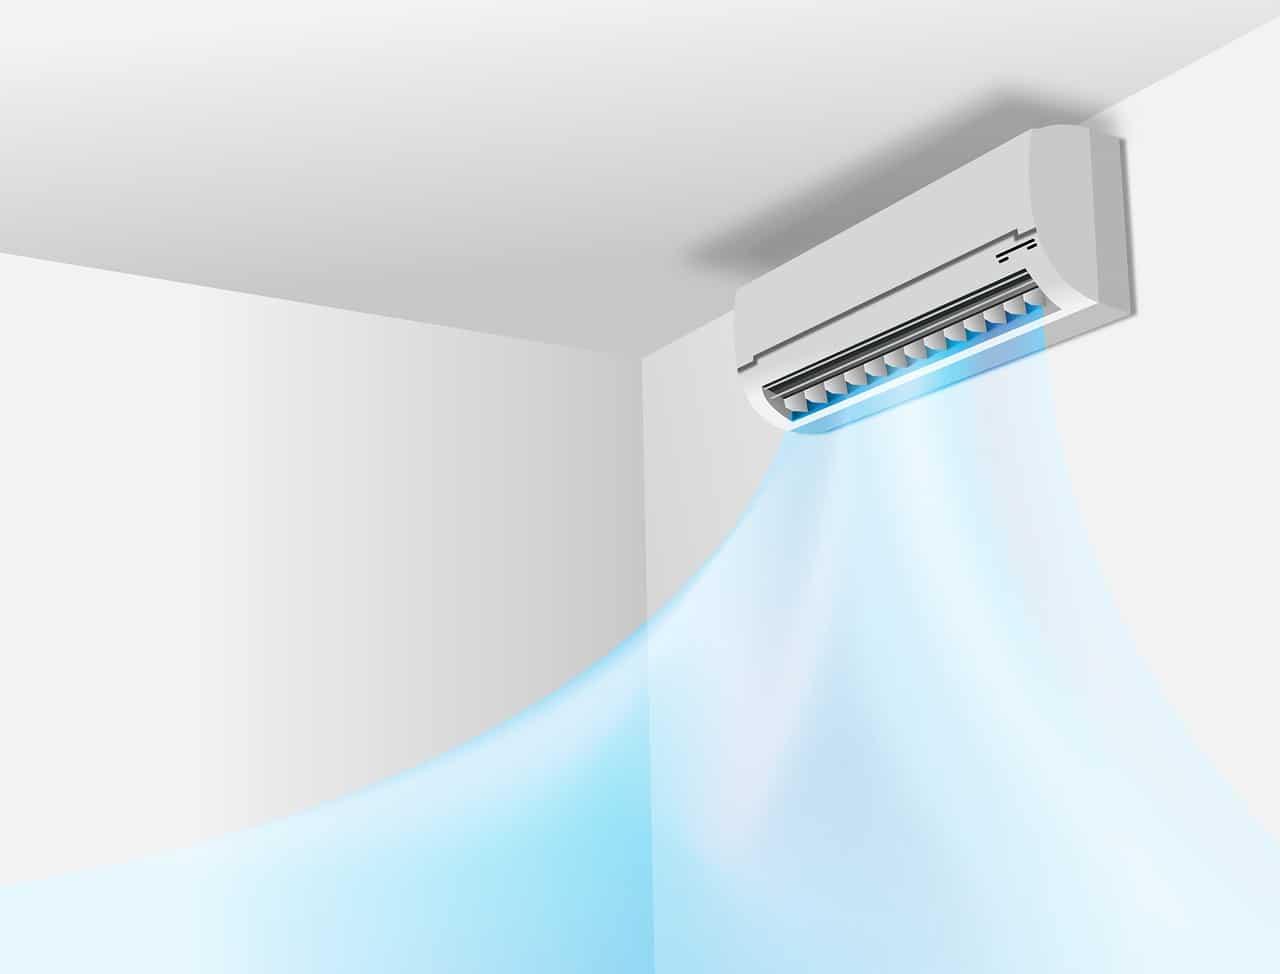 Comment nettoyer le filtre d'un climatiseur facilement